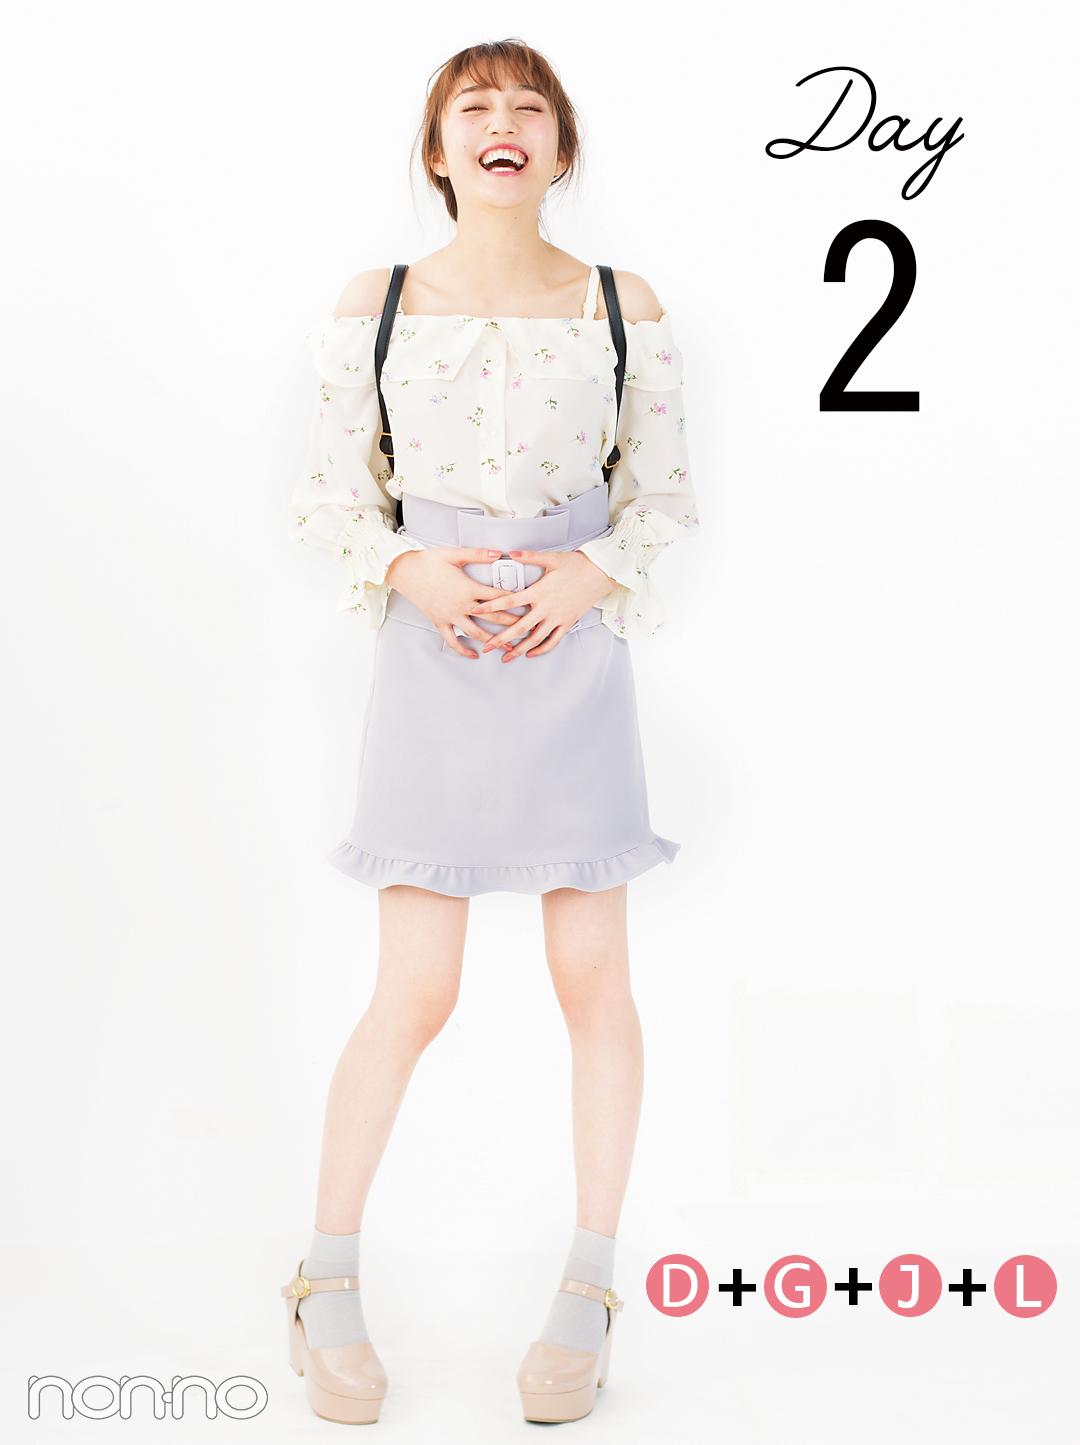 4月からいきなり都心に通学★プチプラ服でおしゃれに着回す5days【Part1】_1_4-1